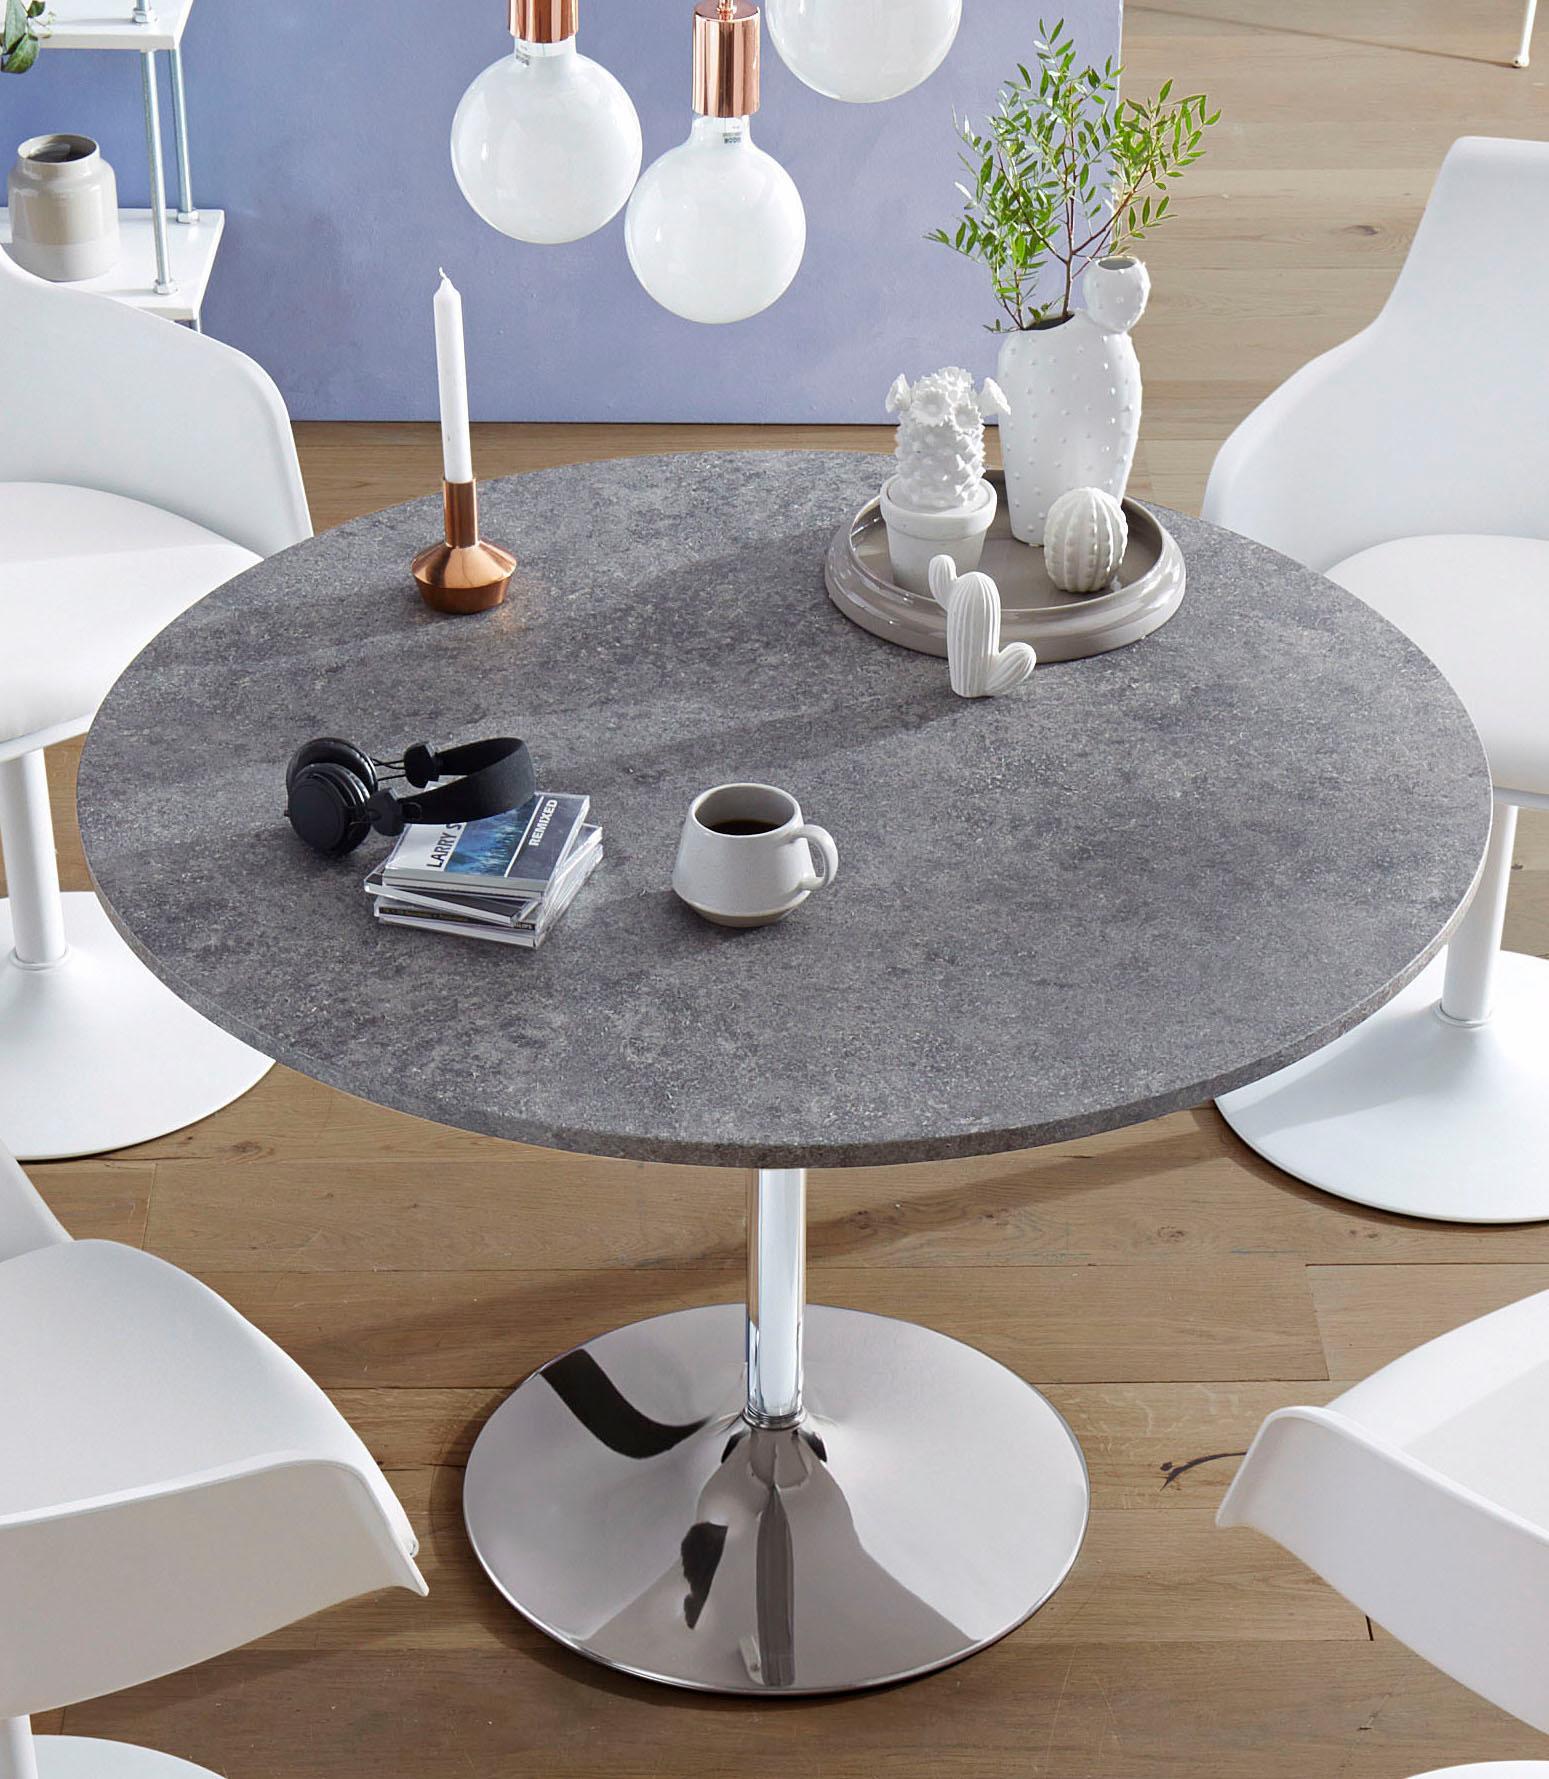 Esstisch Wohnen/Möbel/Tische/Esstische/Esstische rund & oval